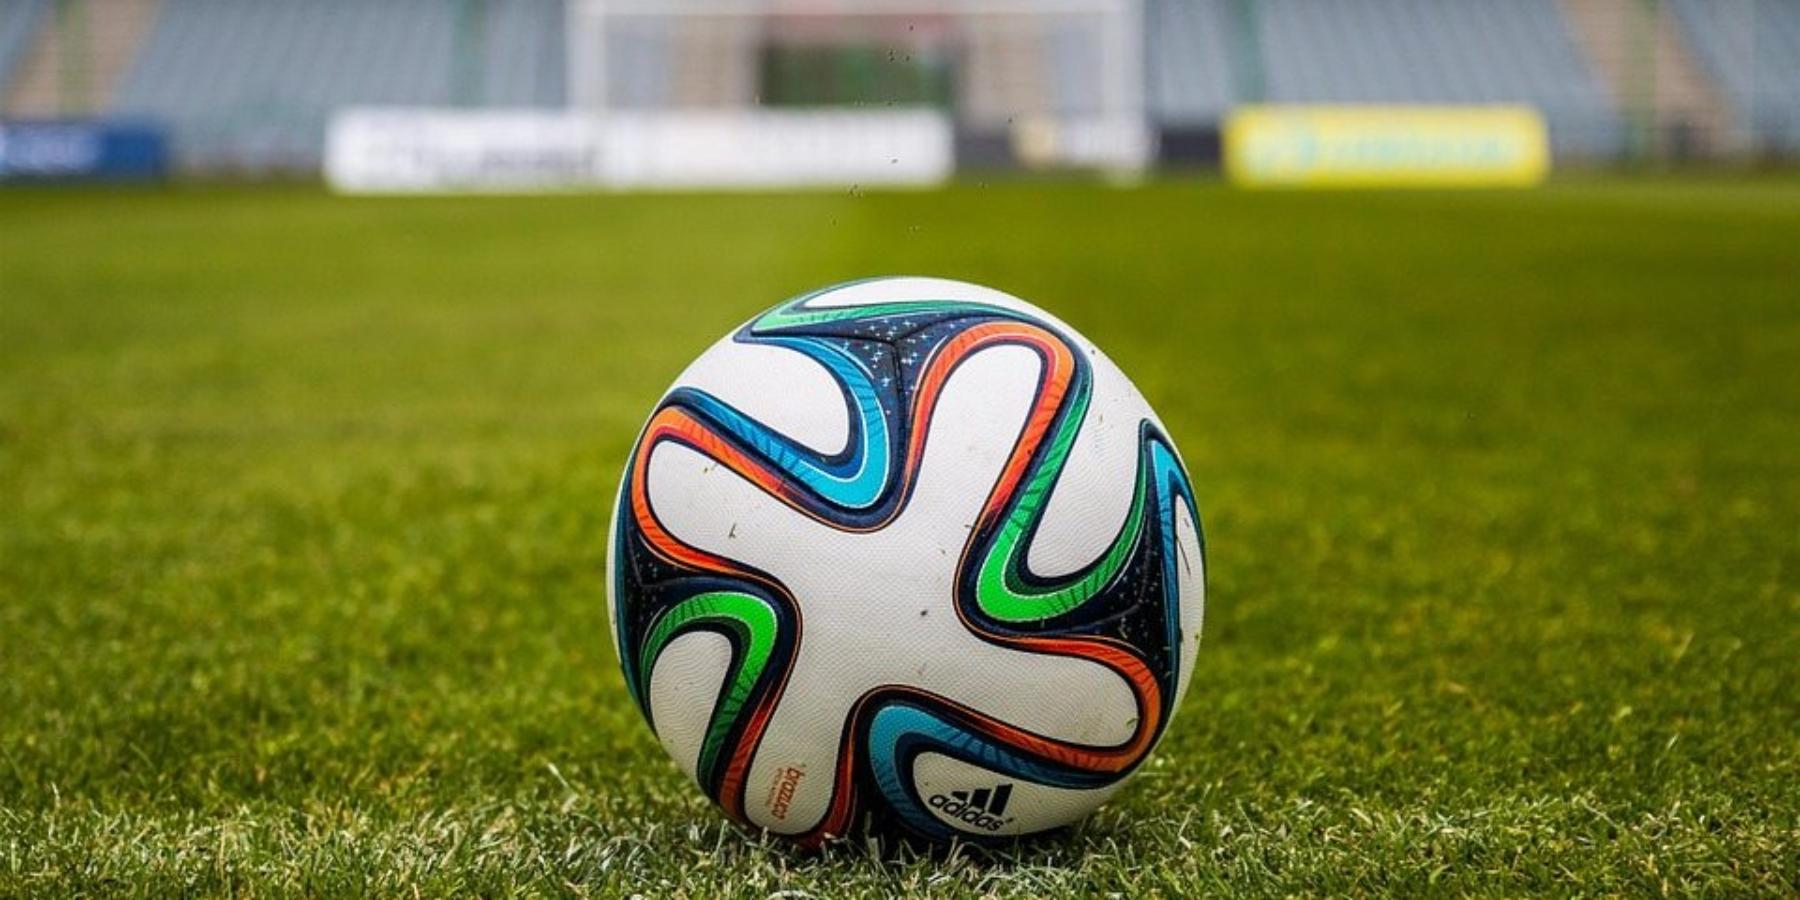 Wywiad zDamianem Gawrychem – piłka nożna tonietylkosport, alefinansowa maszyna